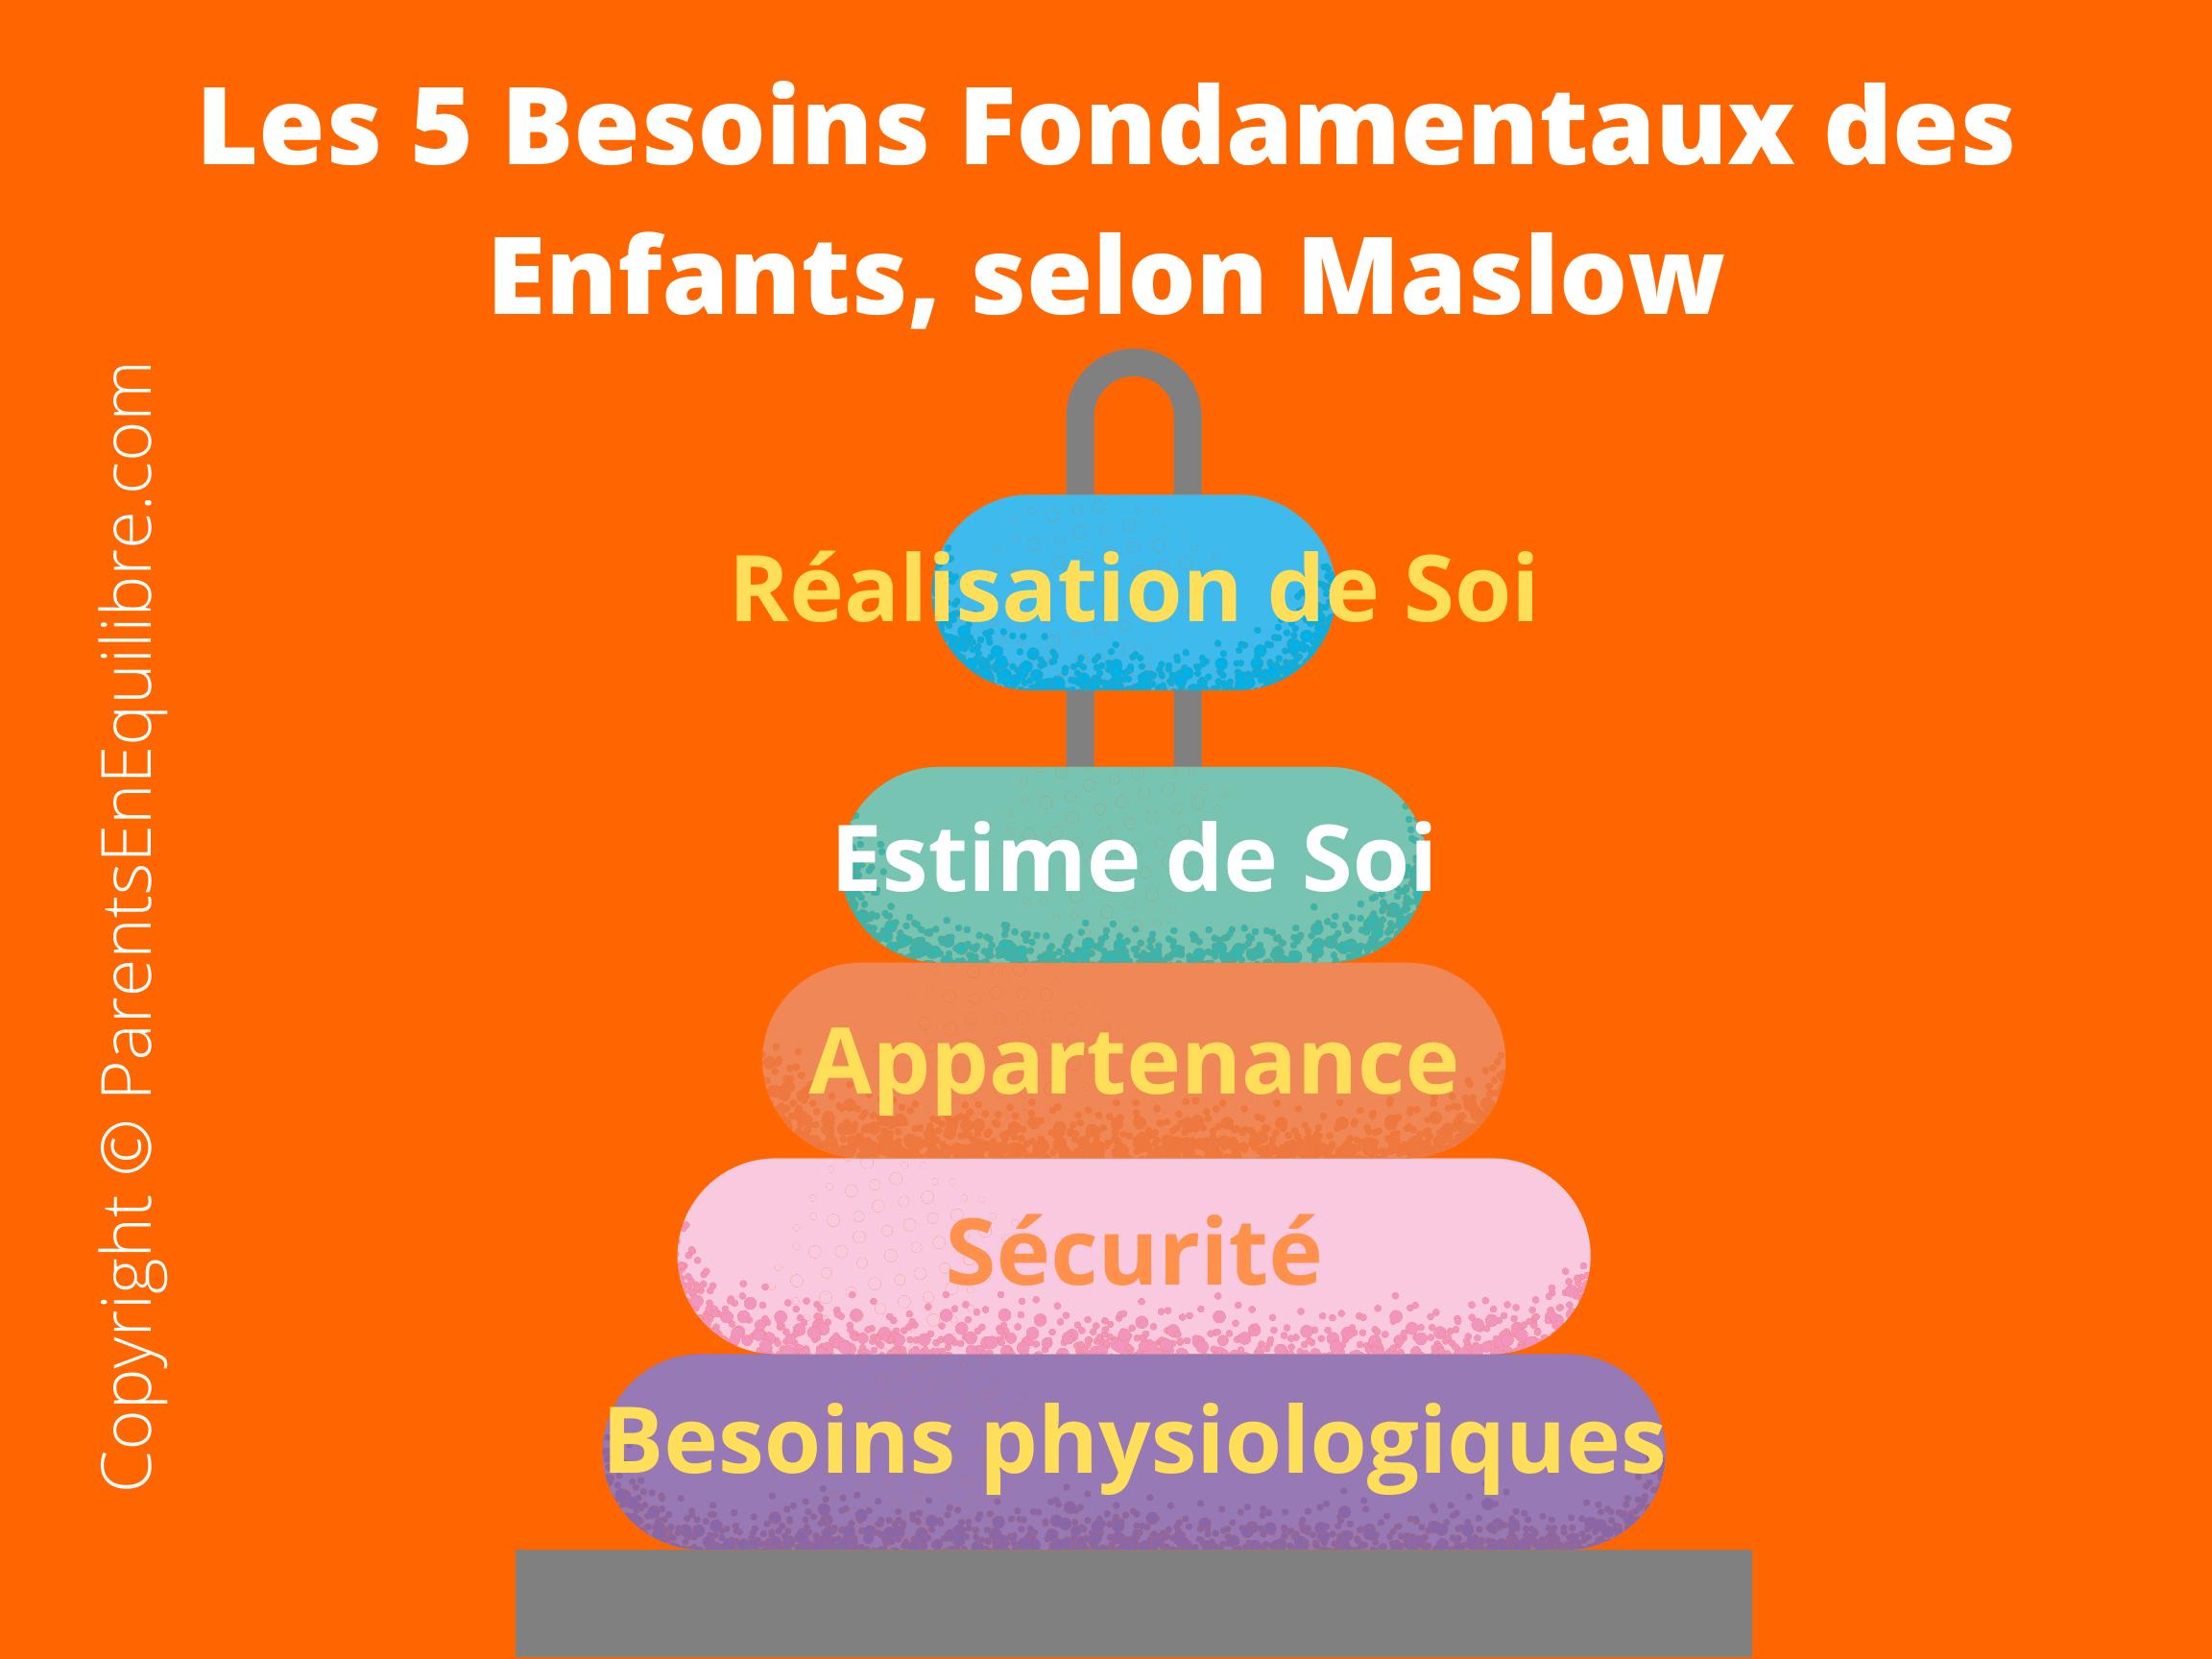 les besoins fondamentaux de l'enfant selon la pyramide de maslow